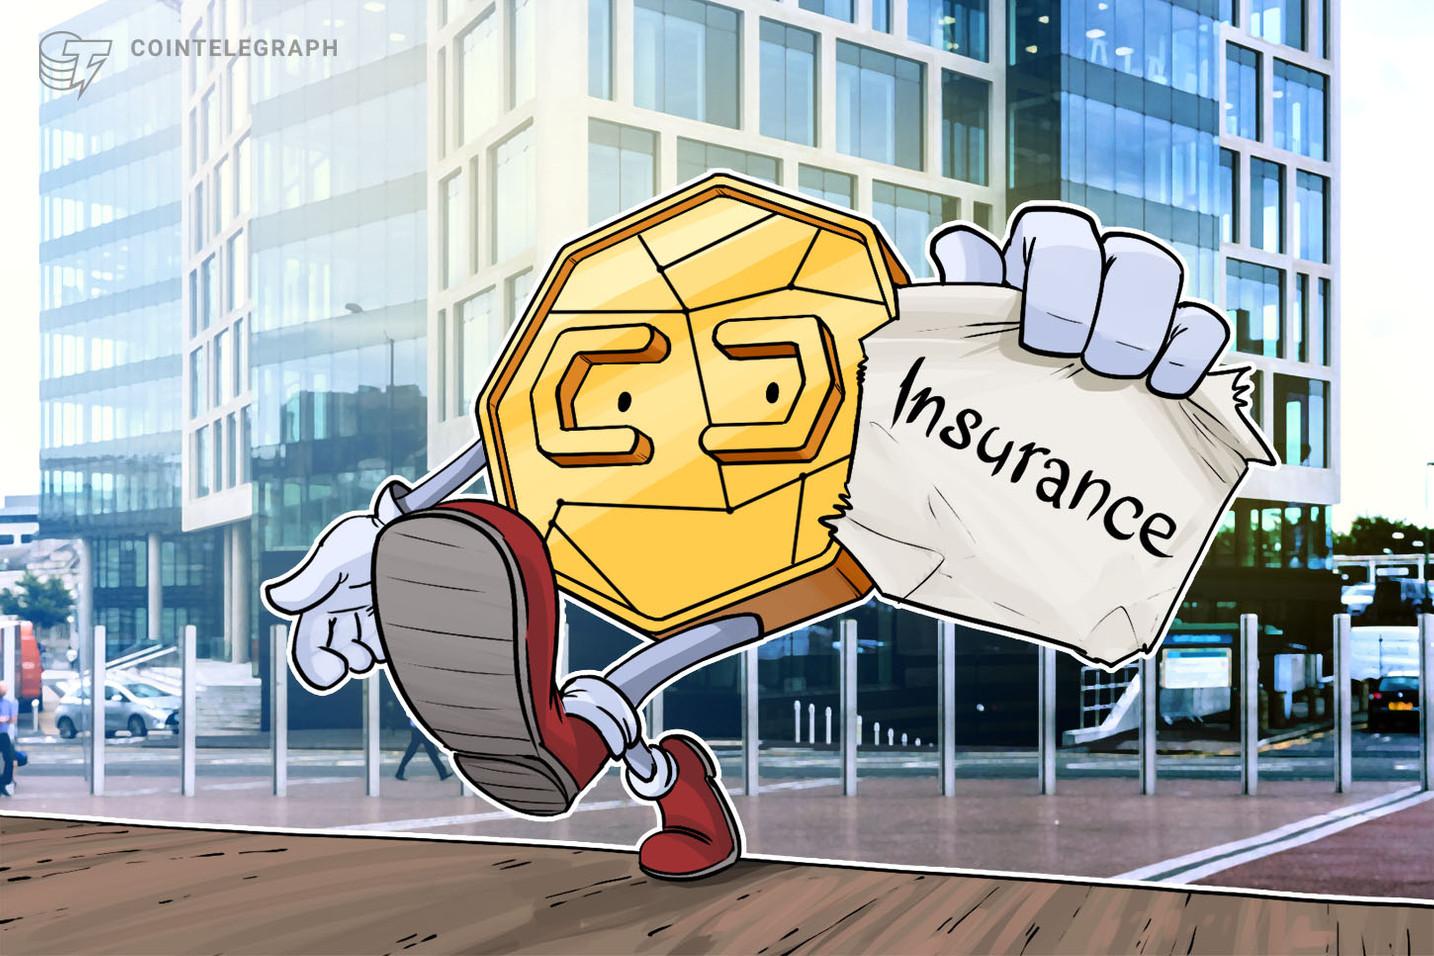 英国の仮想通貨保険コインカバー、盗難や損失を補償するサービスを公開